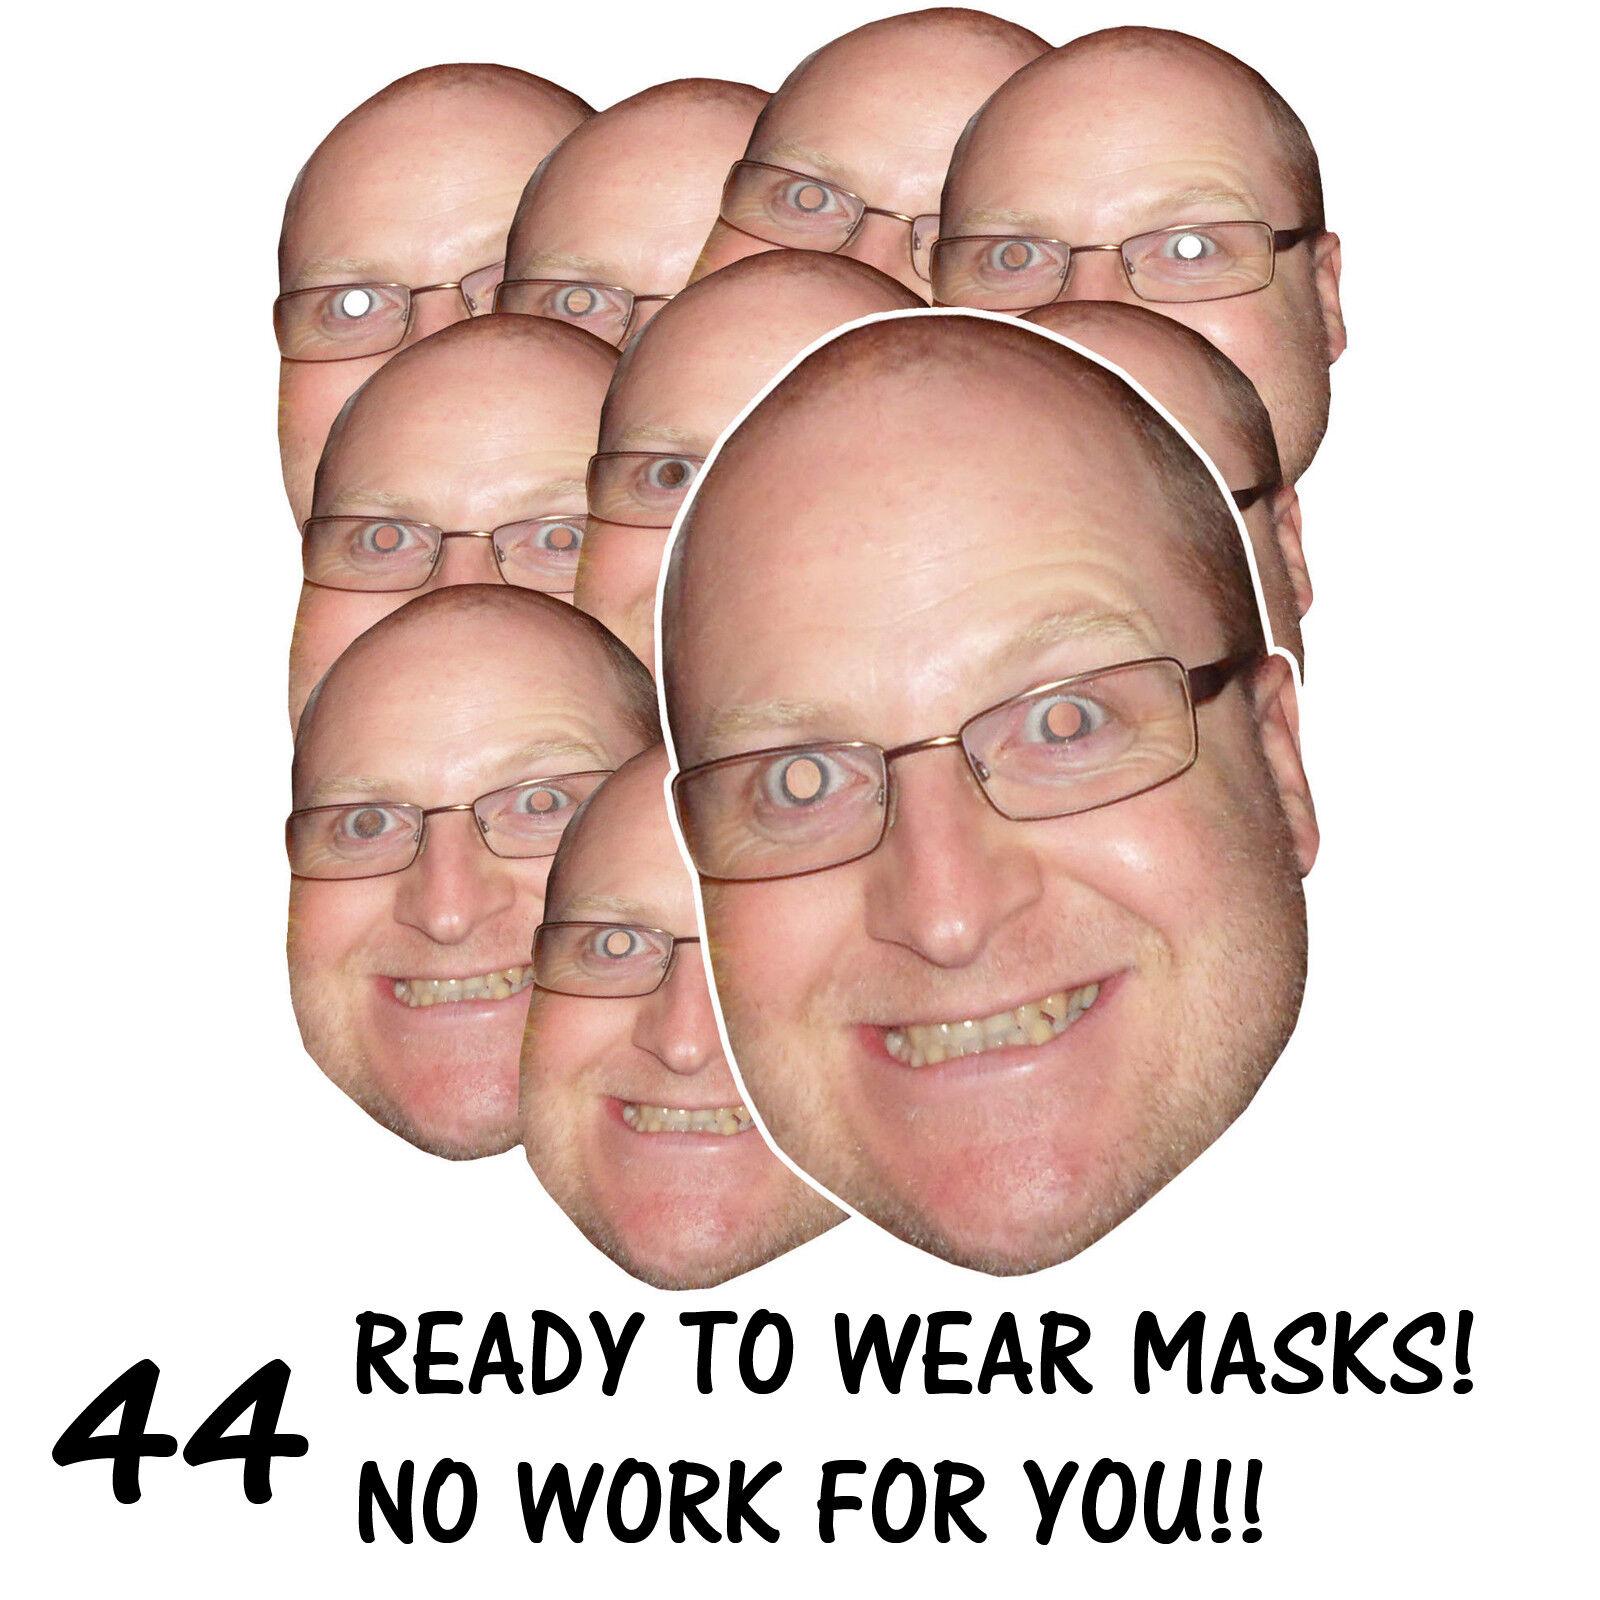 44 X personalizado de diversión mascarillas-Stag Gallina Fiesta-envíenos su Pic-Libre P&p